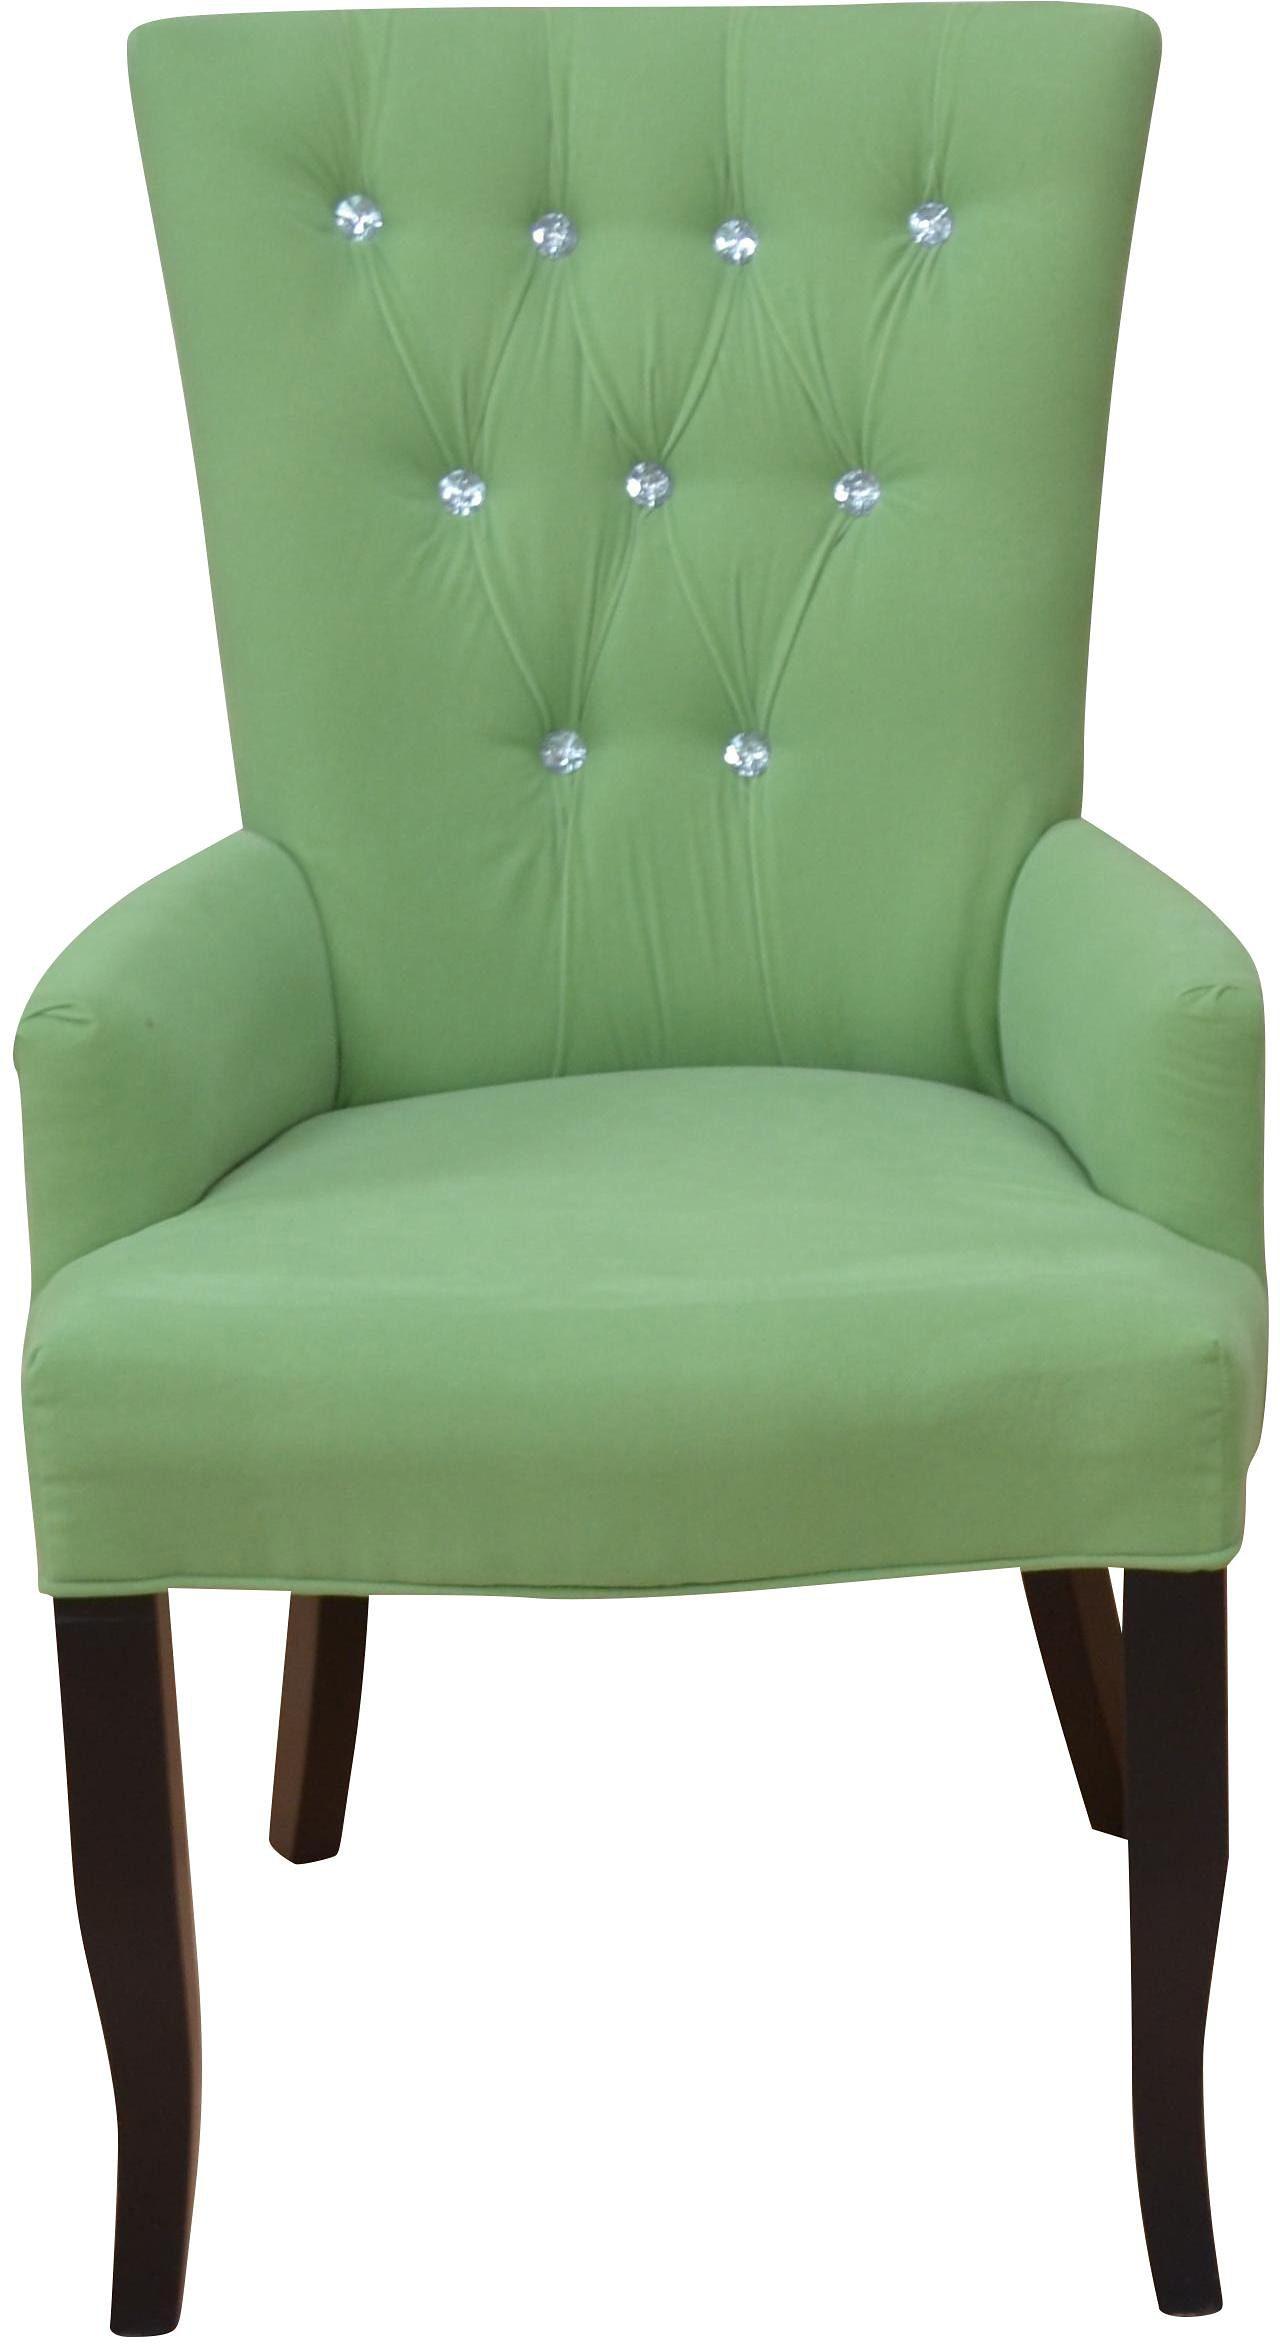 Grune Stuhle Esszimmer Grun Polsterstuhle Fur Das Esszimmer Und